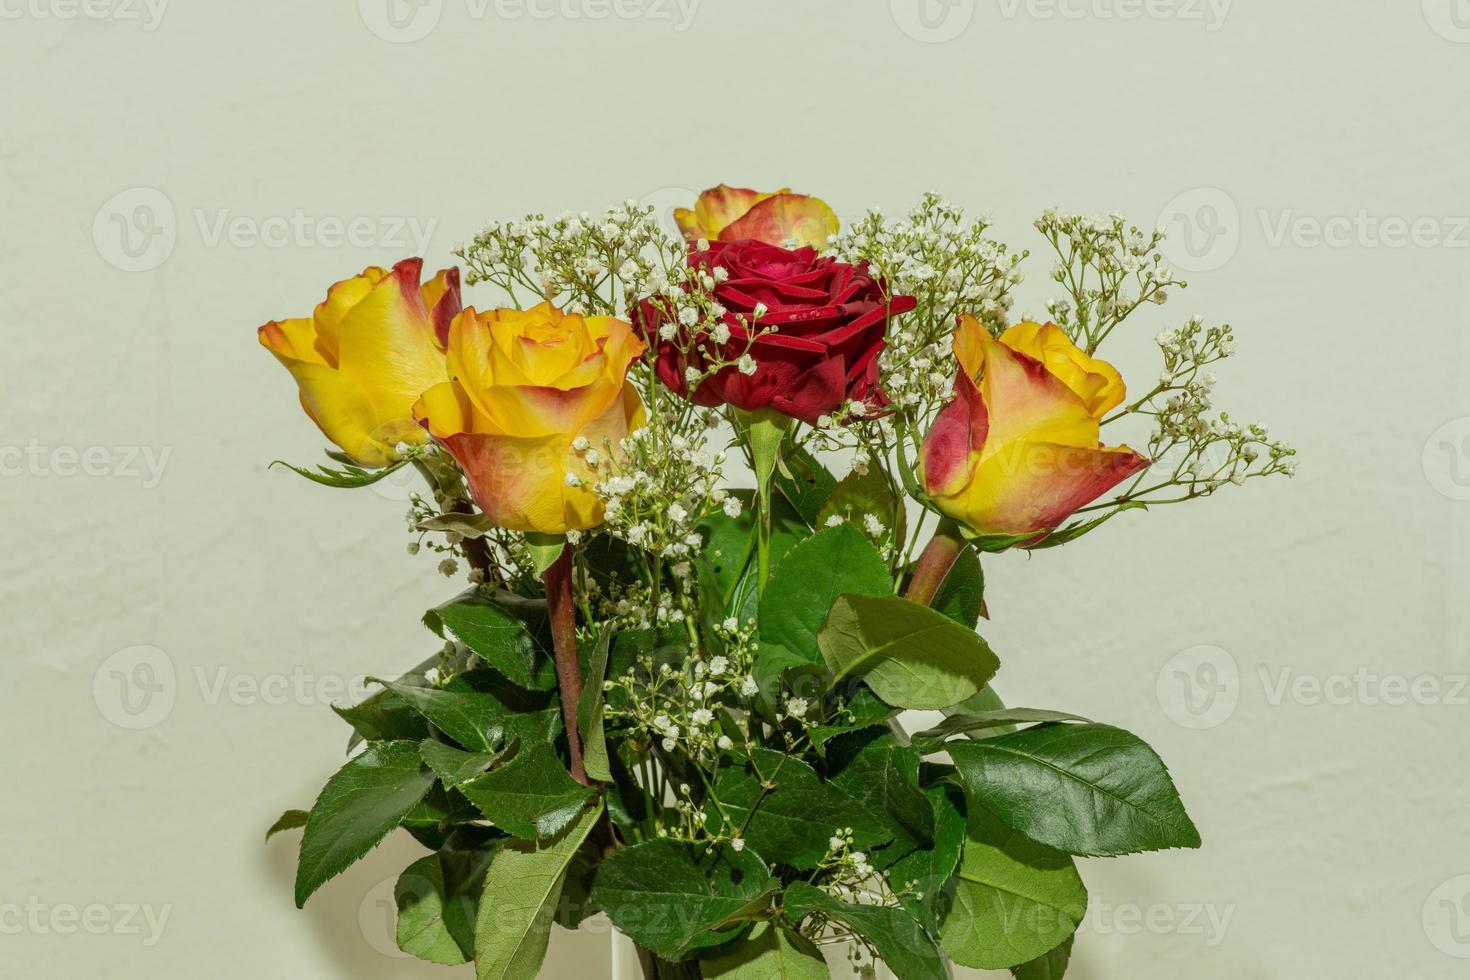 beau bouquet romantique de roses jaunes et rouges avec des feuilles vertes photo